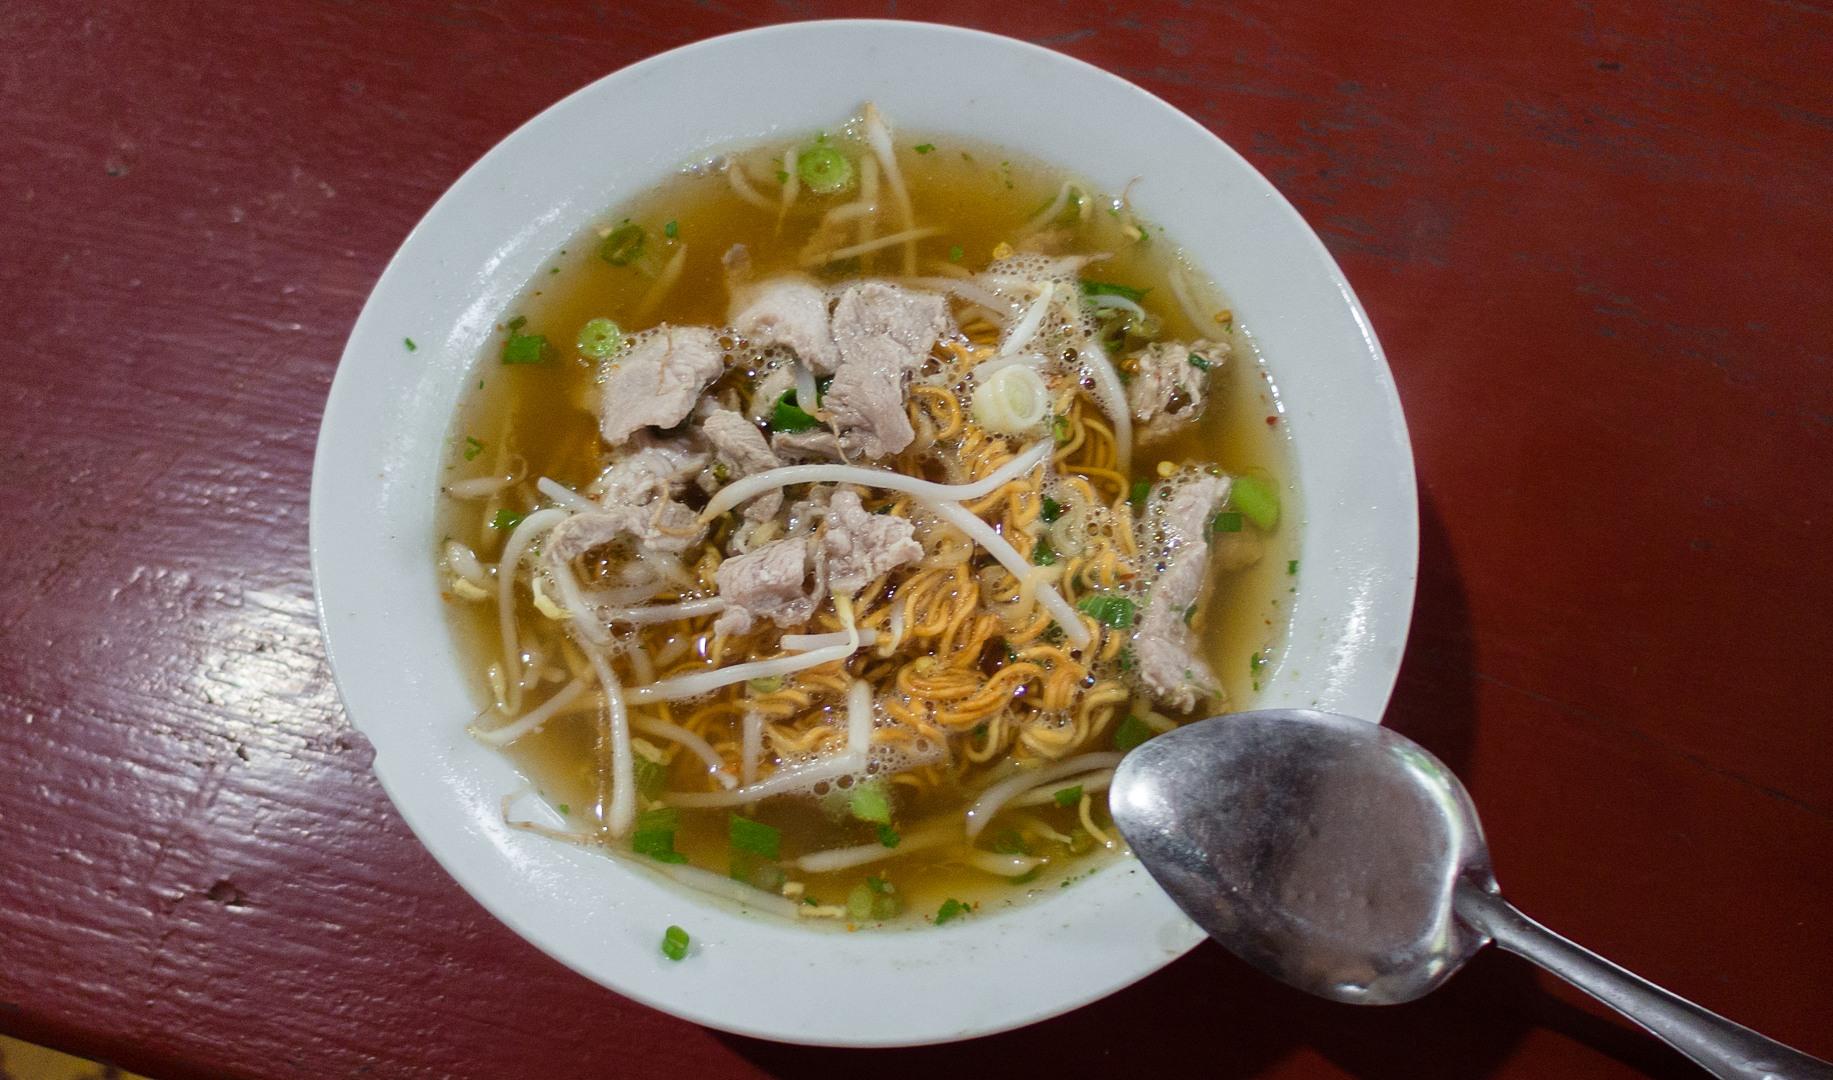 Завтрак в кафе, Вьетнам